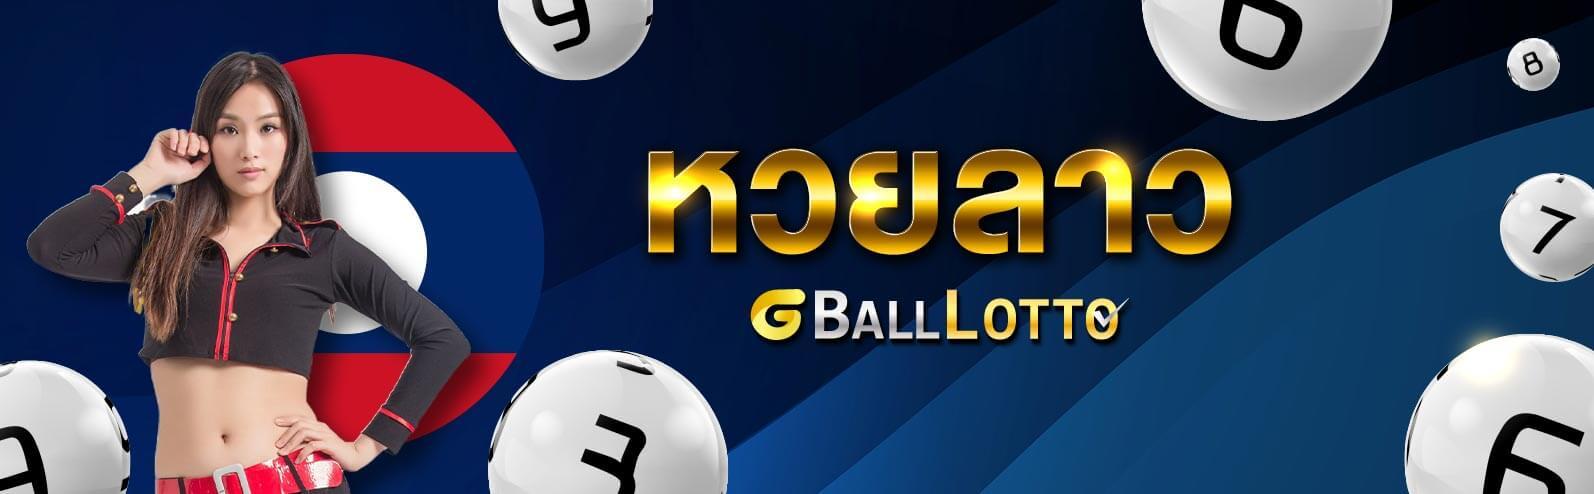 gball6